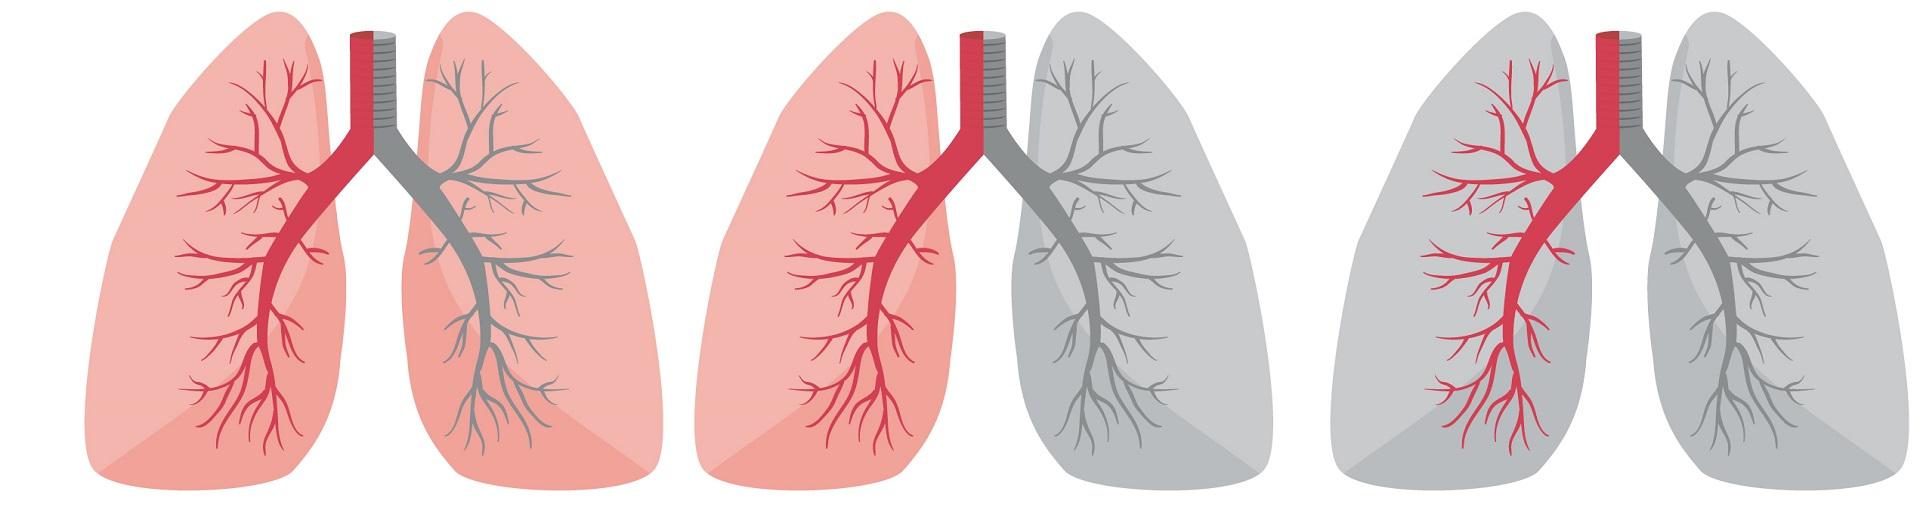 Diplomado en Cuidados Kinésicos Respiratorios